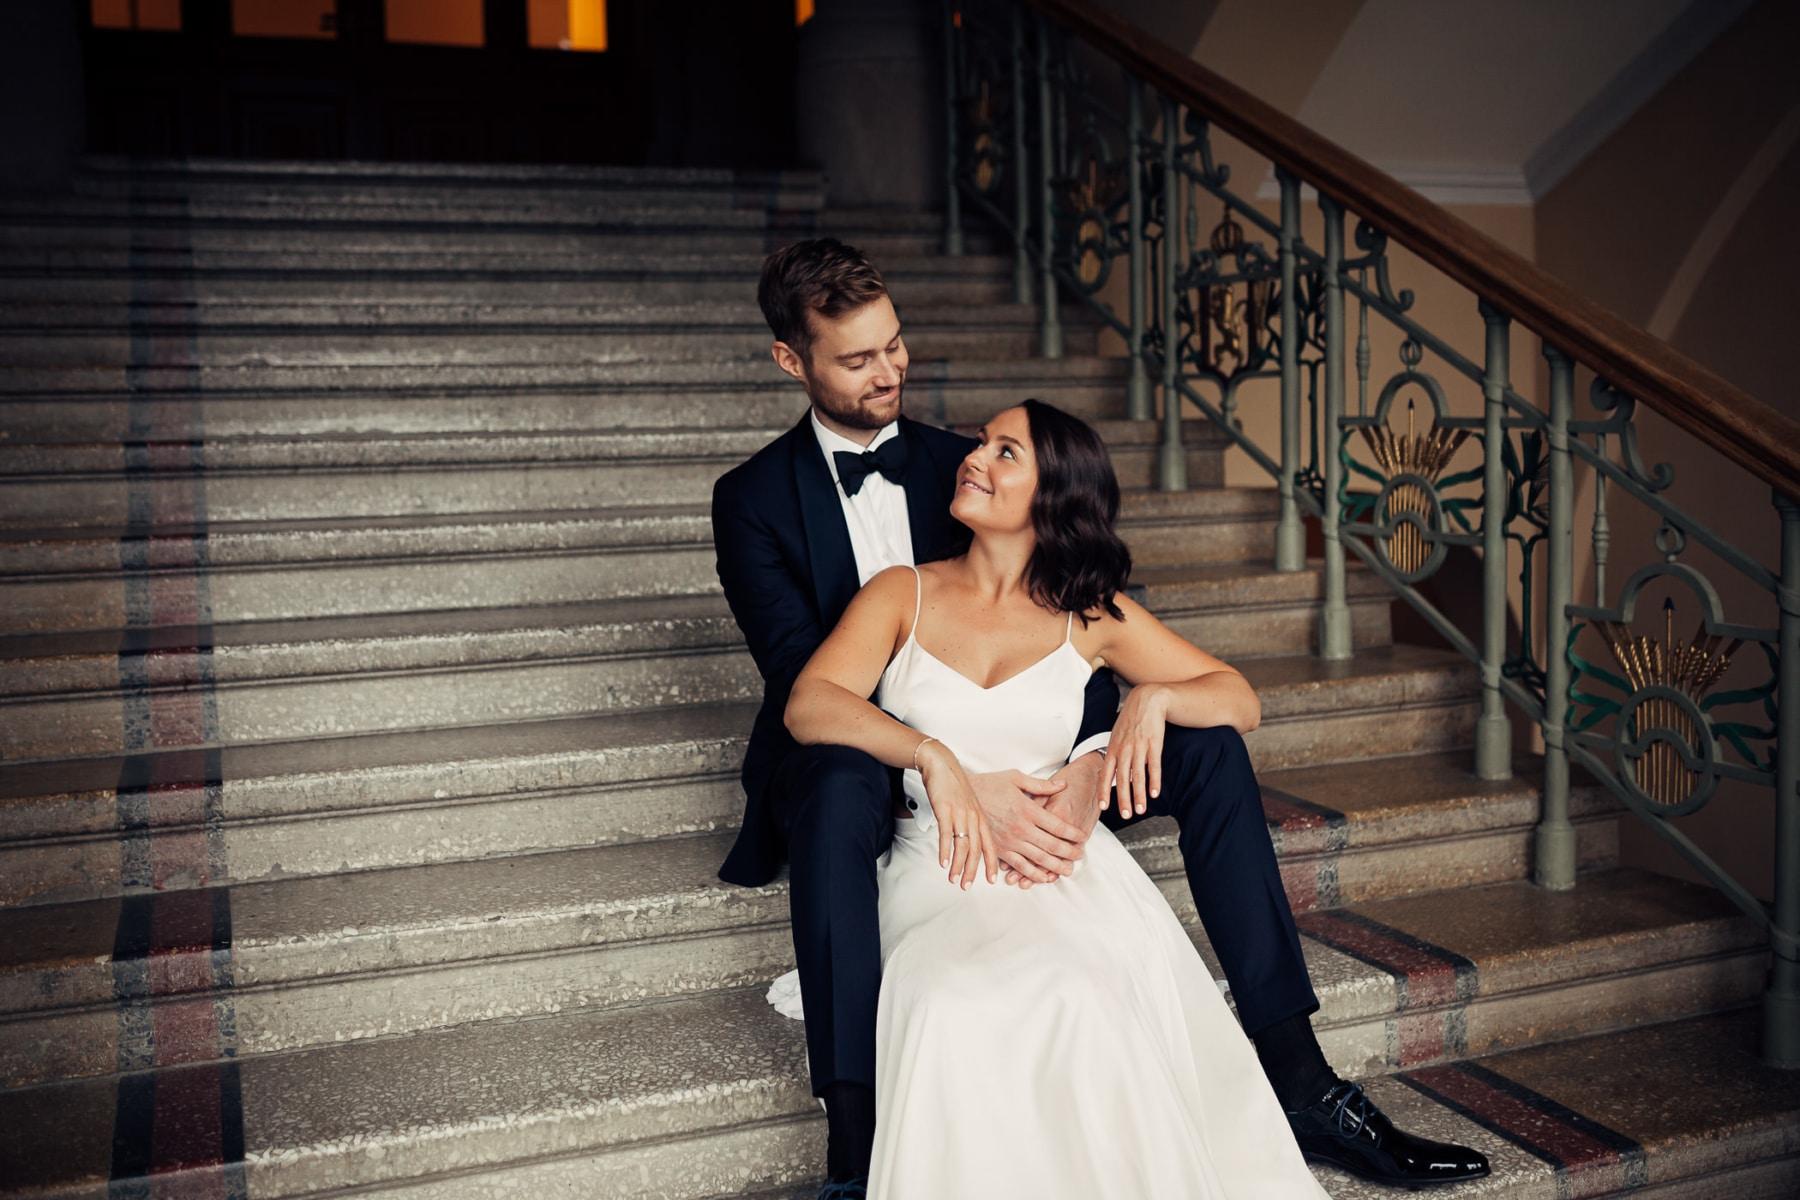 Caroline & Bendik - avslappet og morsomt bryllup i Ski Fotograf bryllup ski 19 Brudepar